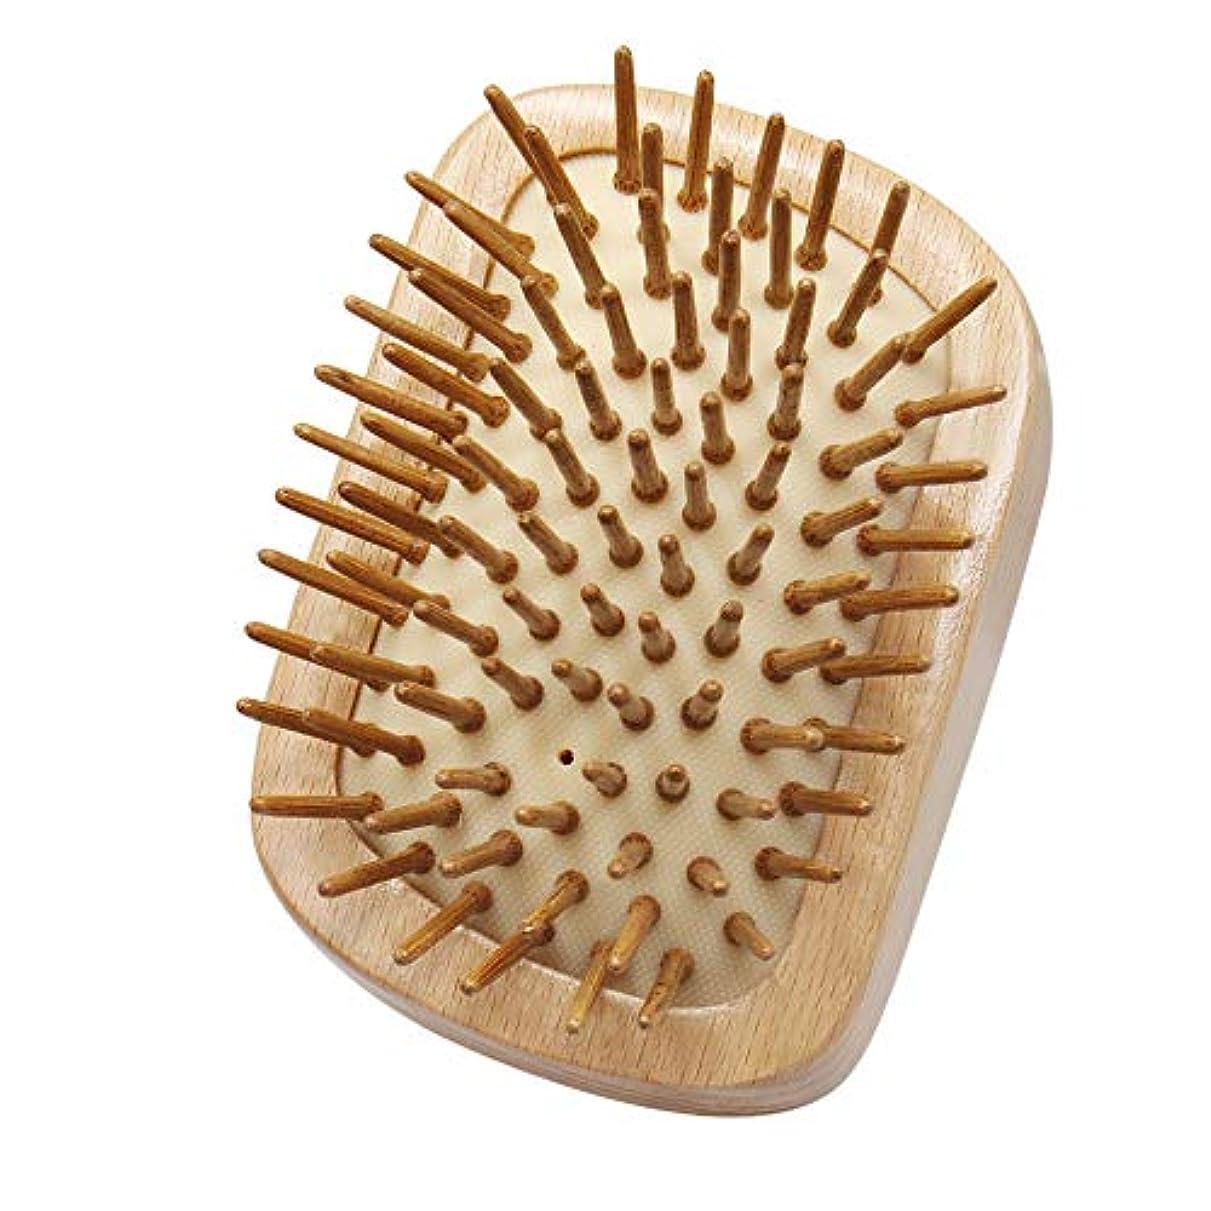 忠実に不屈分析的ヘアブラシ 木製 Mifine 櫛 くし ヘアケア ランキング 頭皮/肩/顔マッサージコーム 艶髪 美髪ケア 静電気防止 血行促進